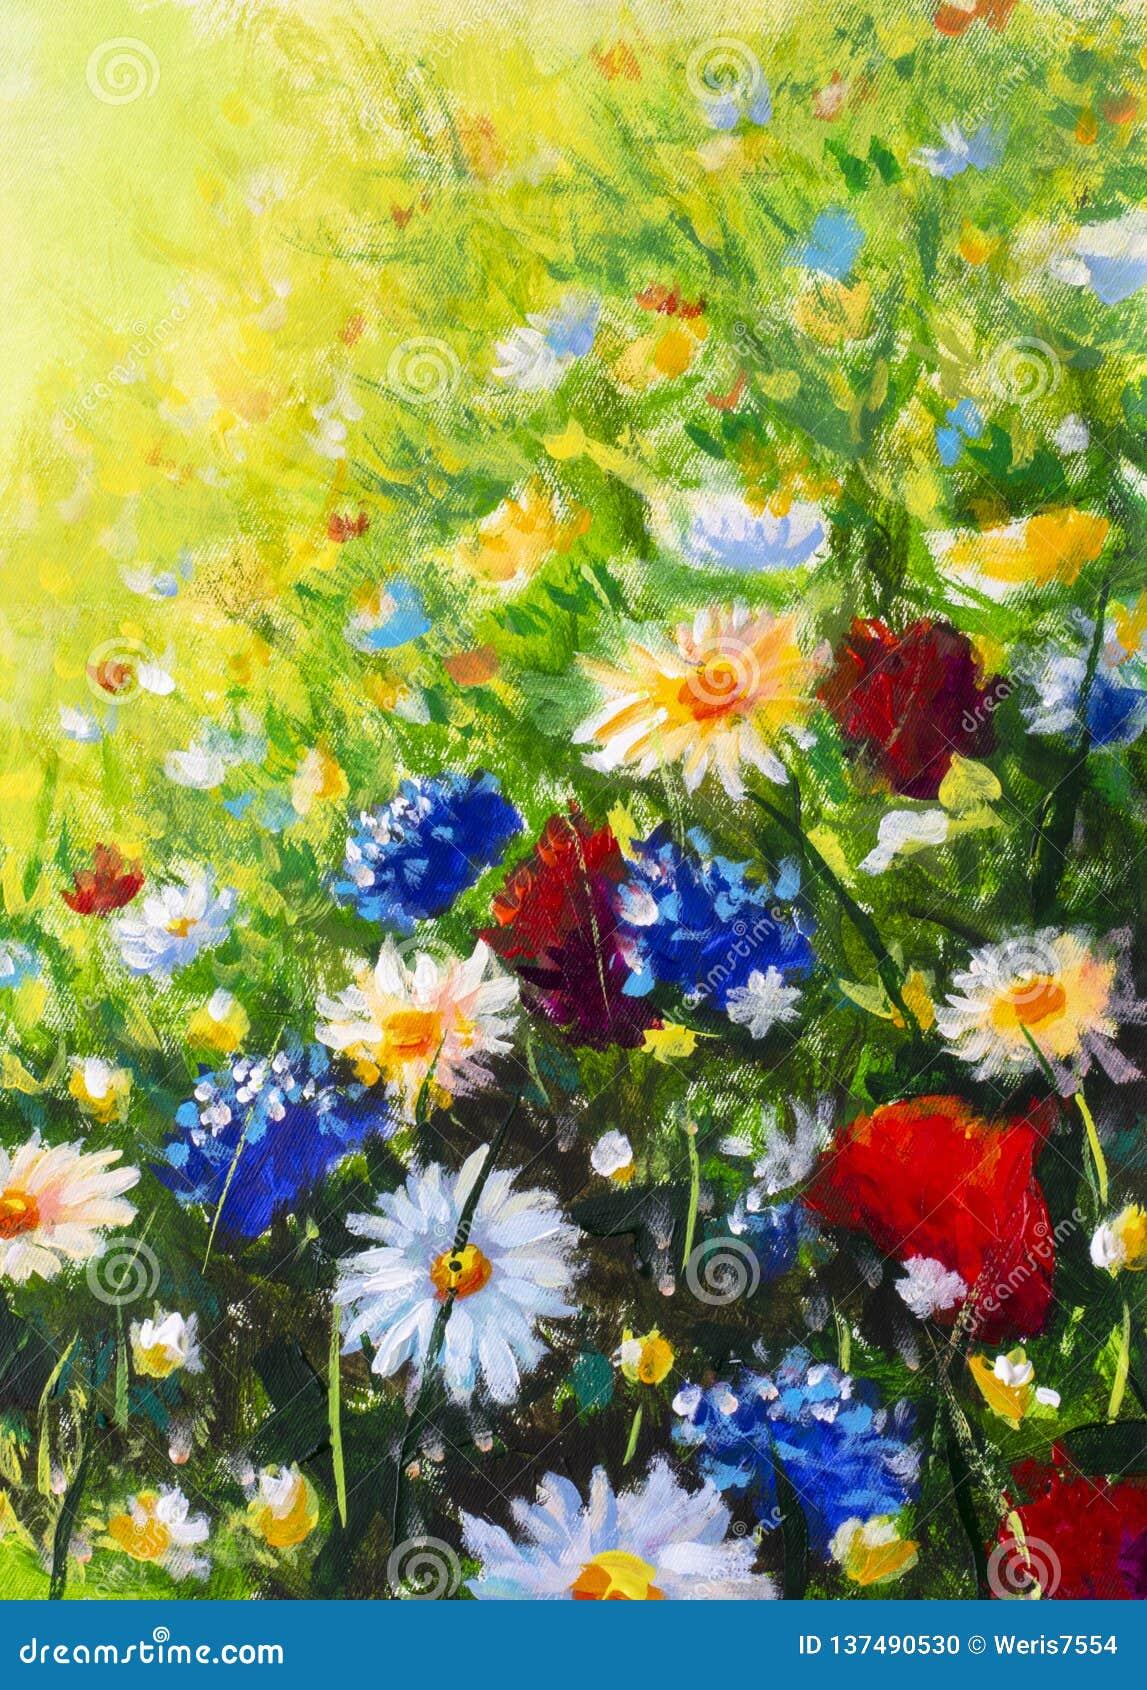 Fleurs Sauvages Colorees Modernes De Peinture De Fleur Photo Stock Image Du Peinture Fleurs 137490530